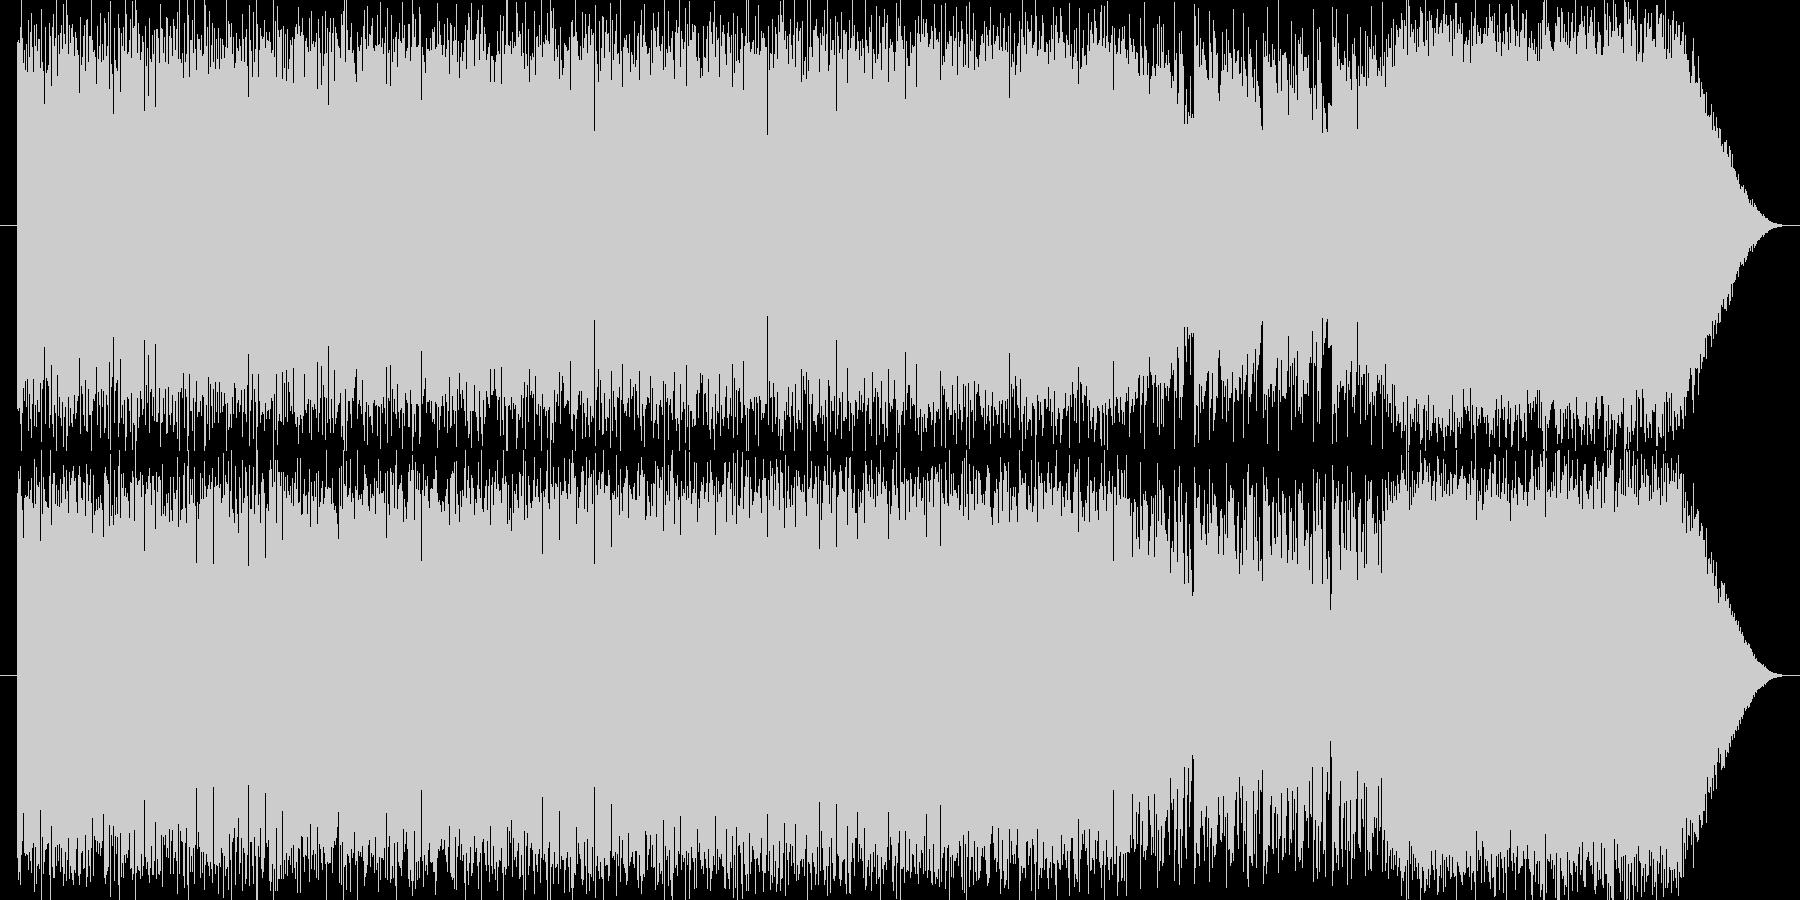 アクションゲーム風テクノBGMの未再生の波形